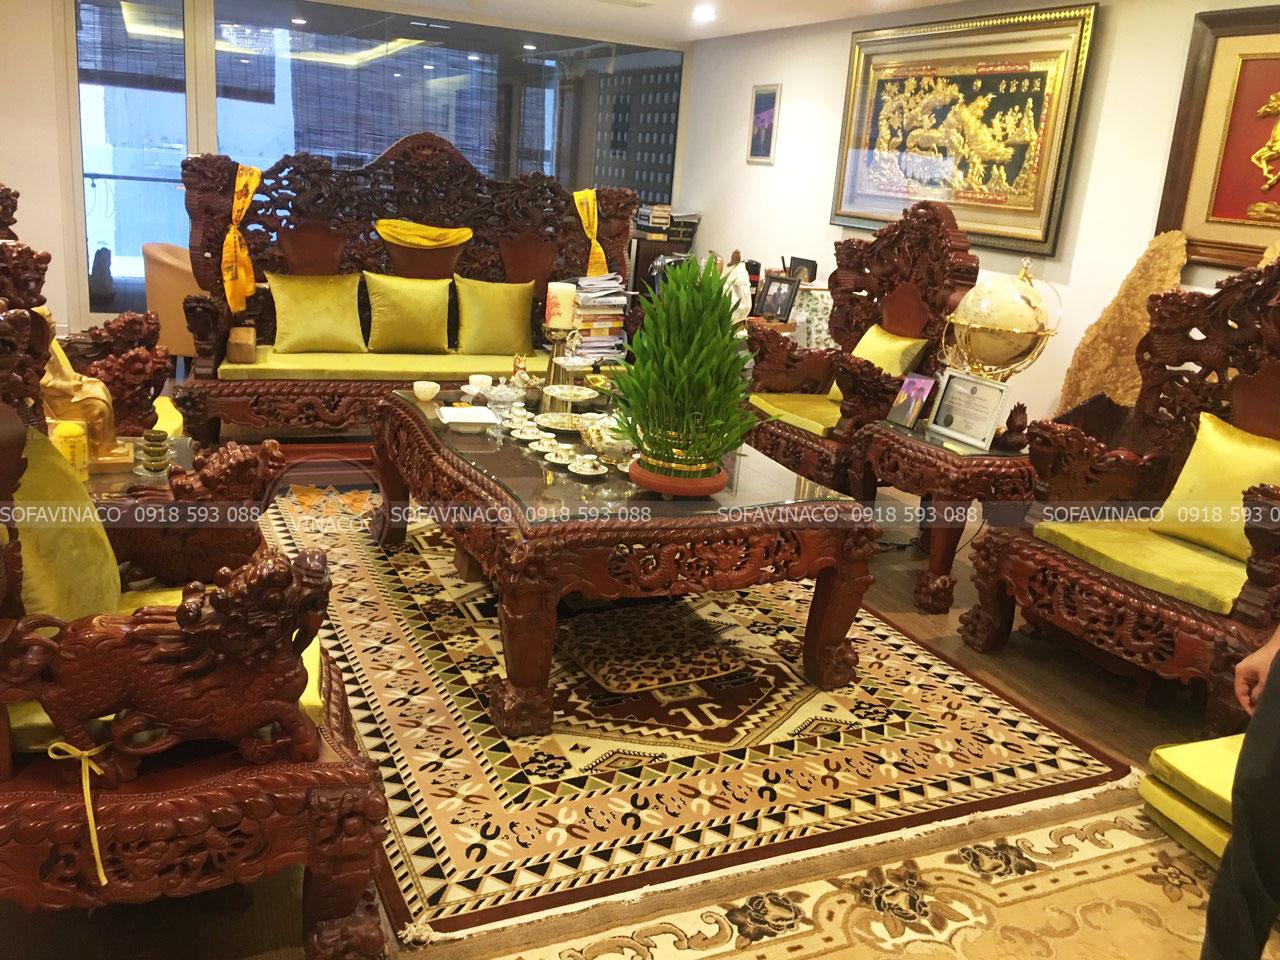 Làm đệm ghế ngồi rồng đỉnh nhà chị Quế tại Nguyễn Huy Tưởng, Thanh Xuân, Hà Nội